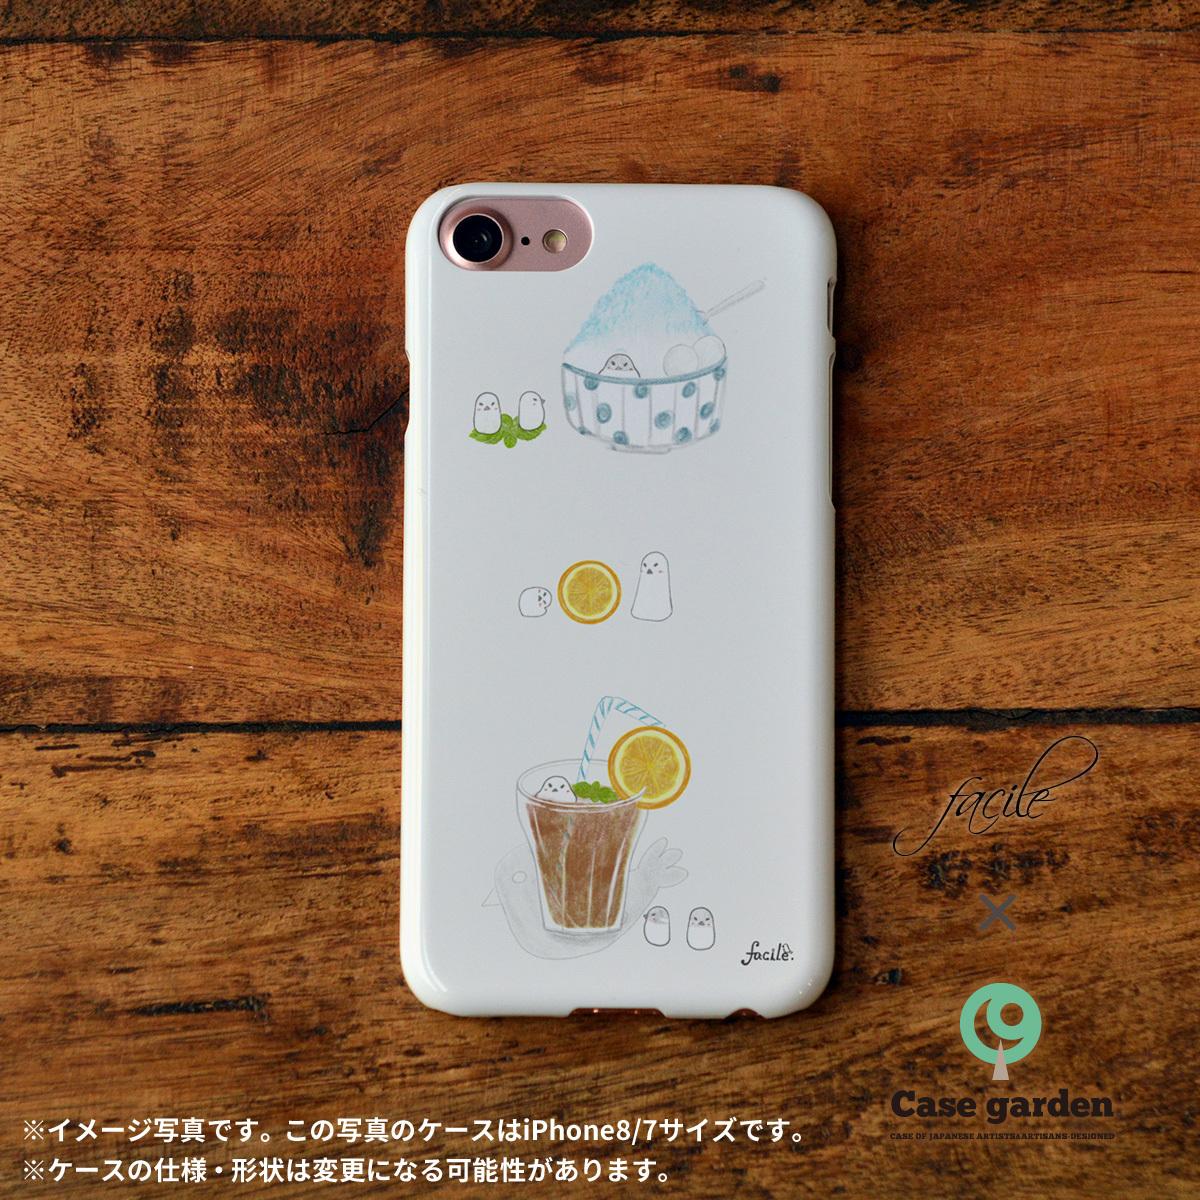 iphone8 ハードケース おしゃれ iphone8 ハードケース シンプル iphone7 ケース かわいい ハード 文鳥 トリ カフェ 夏 マメどりの夏涼み facile×Casegarden